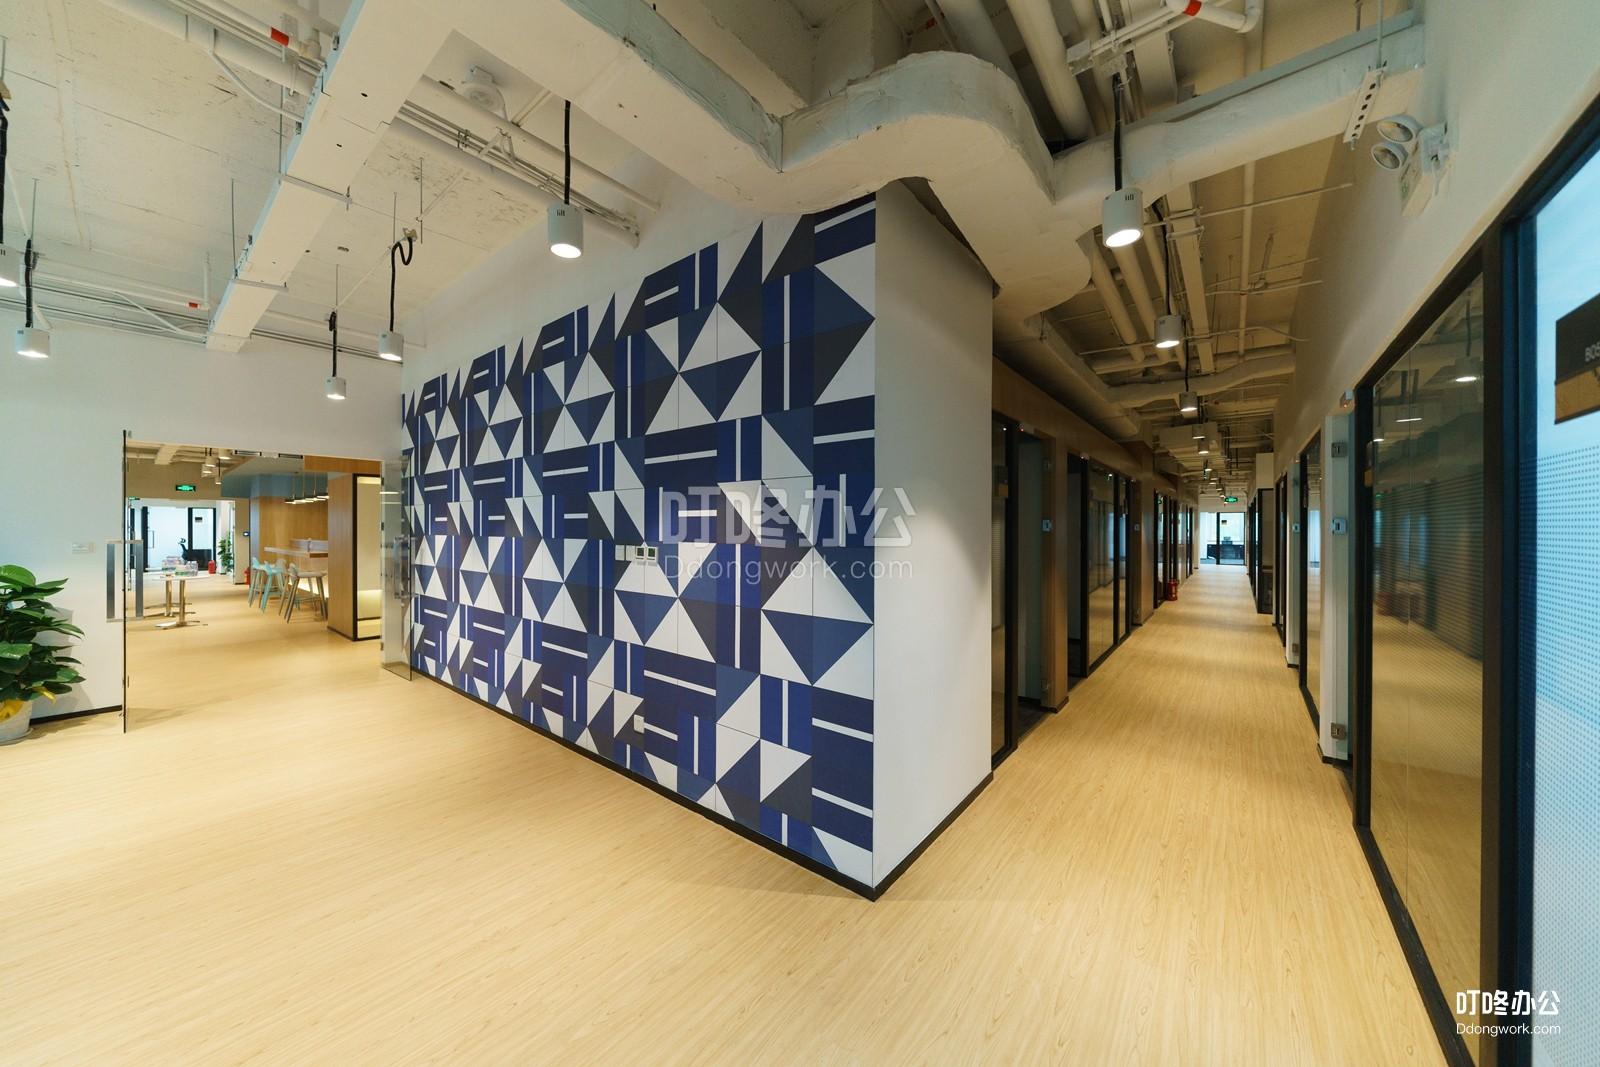 Wedo联合创业社「蛇口国际社区」走廊